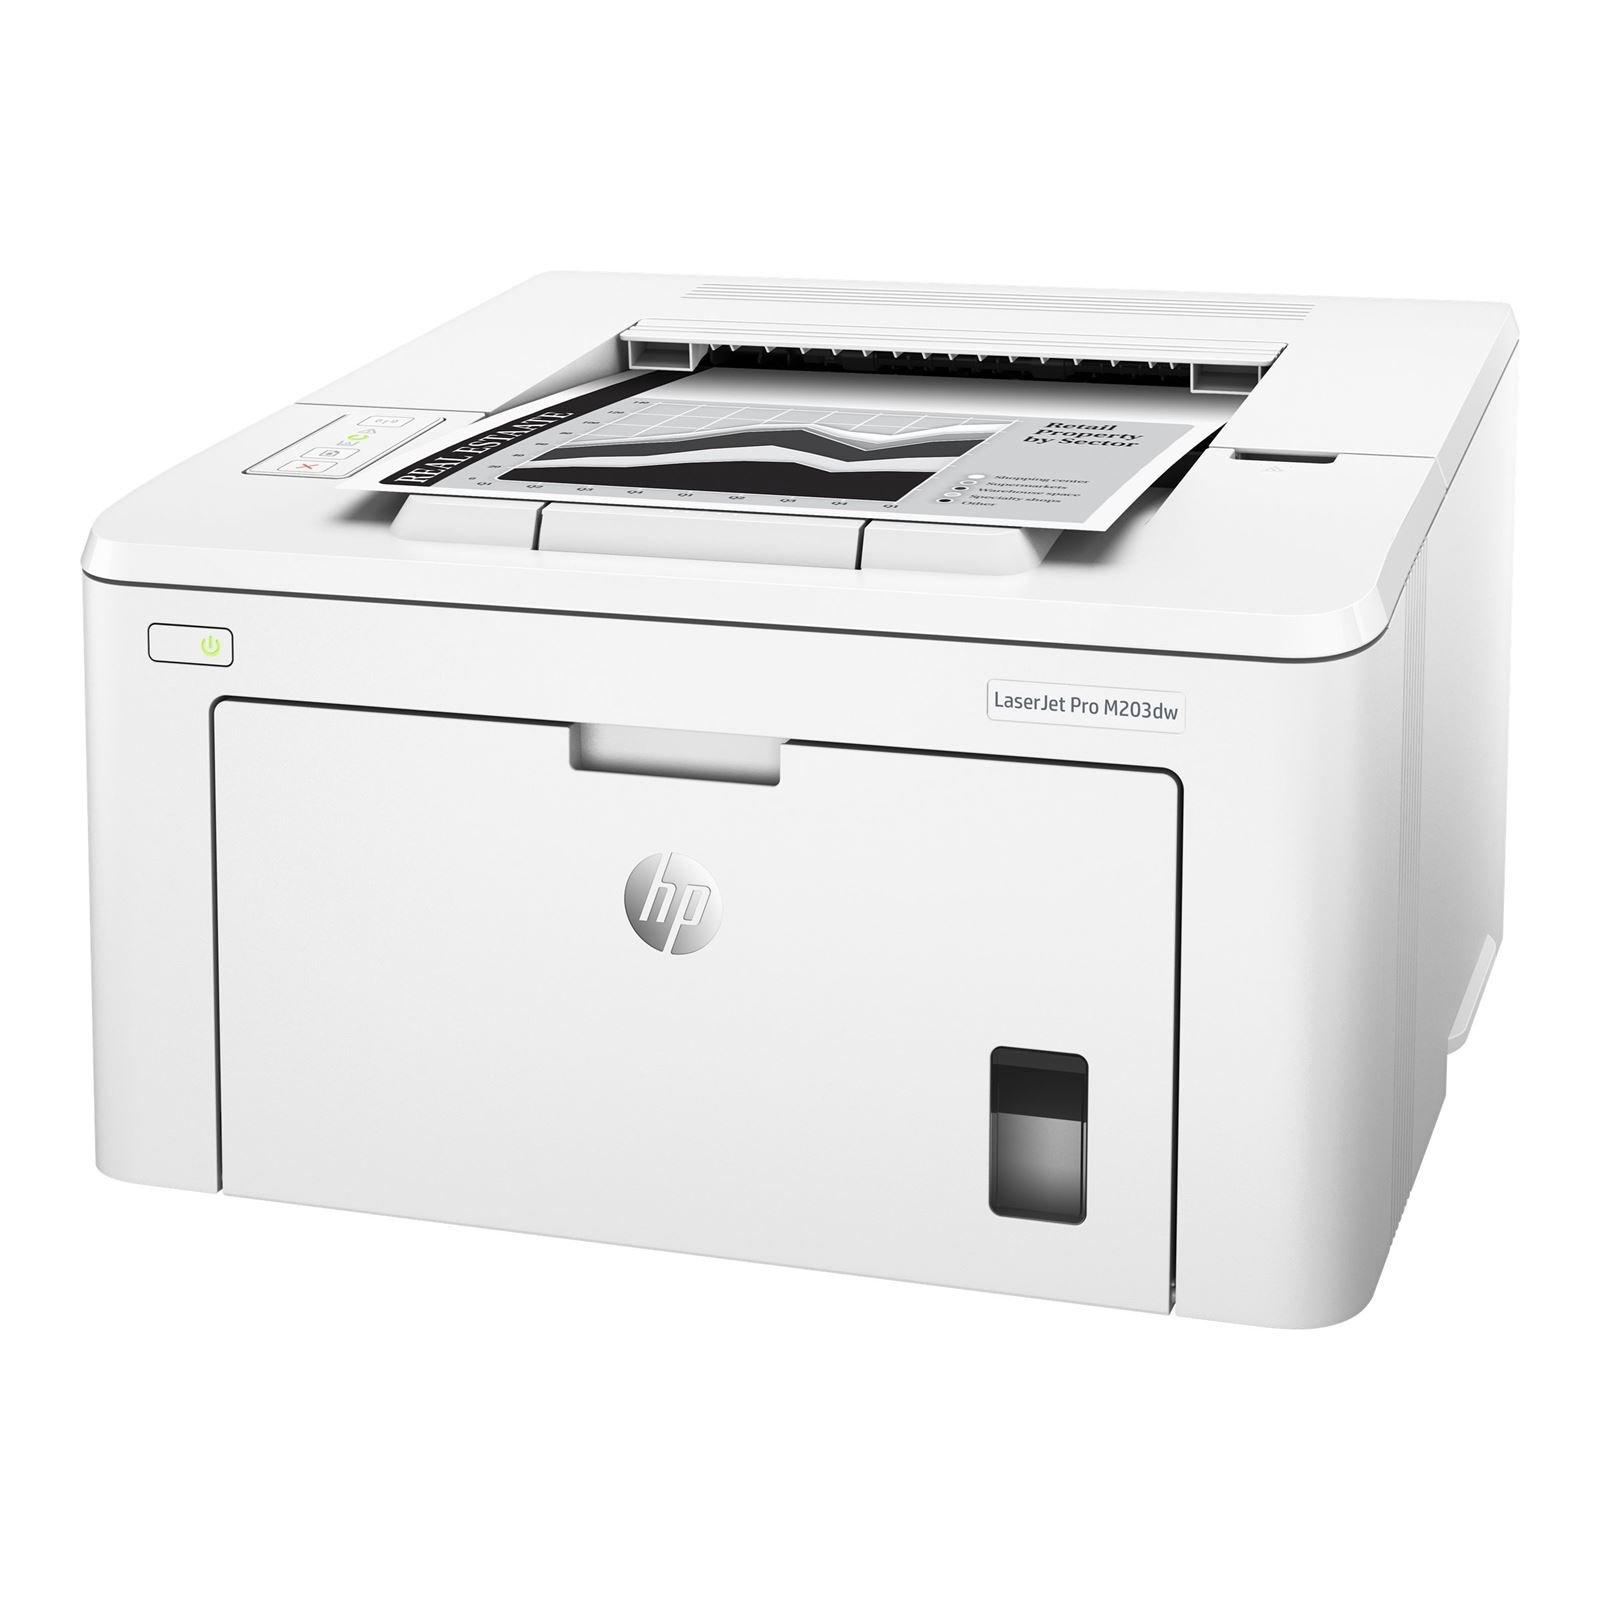 HP Stampante LaserJet Pro M203dw ^